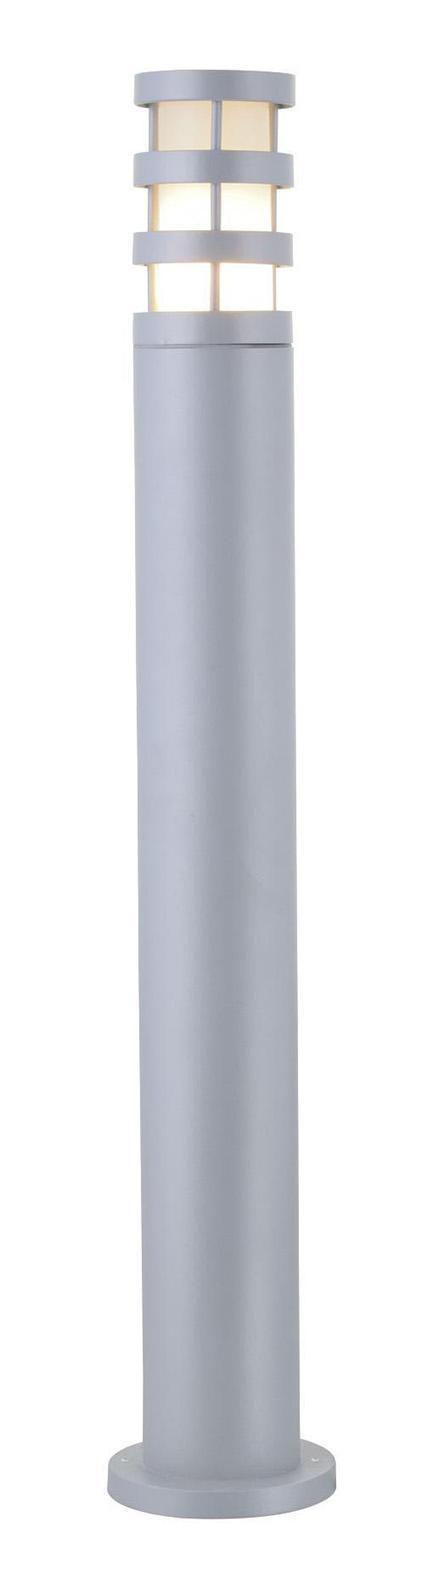 Светильник уличный Arte lampСветильники уличные<br>Мощность: 60,<br>Тип установки: на землю/пол,<br>Стиль светильника: модерн,<br>Материал светильника: стекло,<br>Количество ламп: 1,<br>Тип лампы: накаливания,<br>Патрон: Е27,<br>Цвет арматуры: серебристый,<br>Диаметр: 130,<br>Высота: 650,<br>Вес нетто: 1.5,<br>Коллекция: 8371<br>